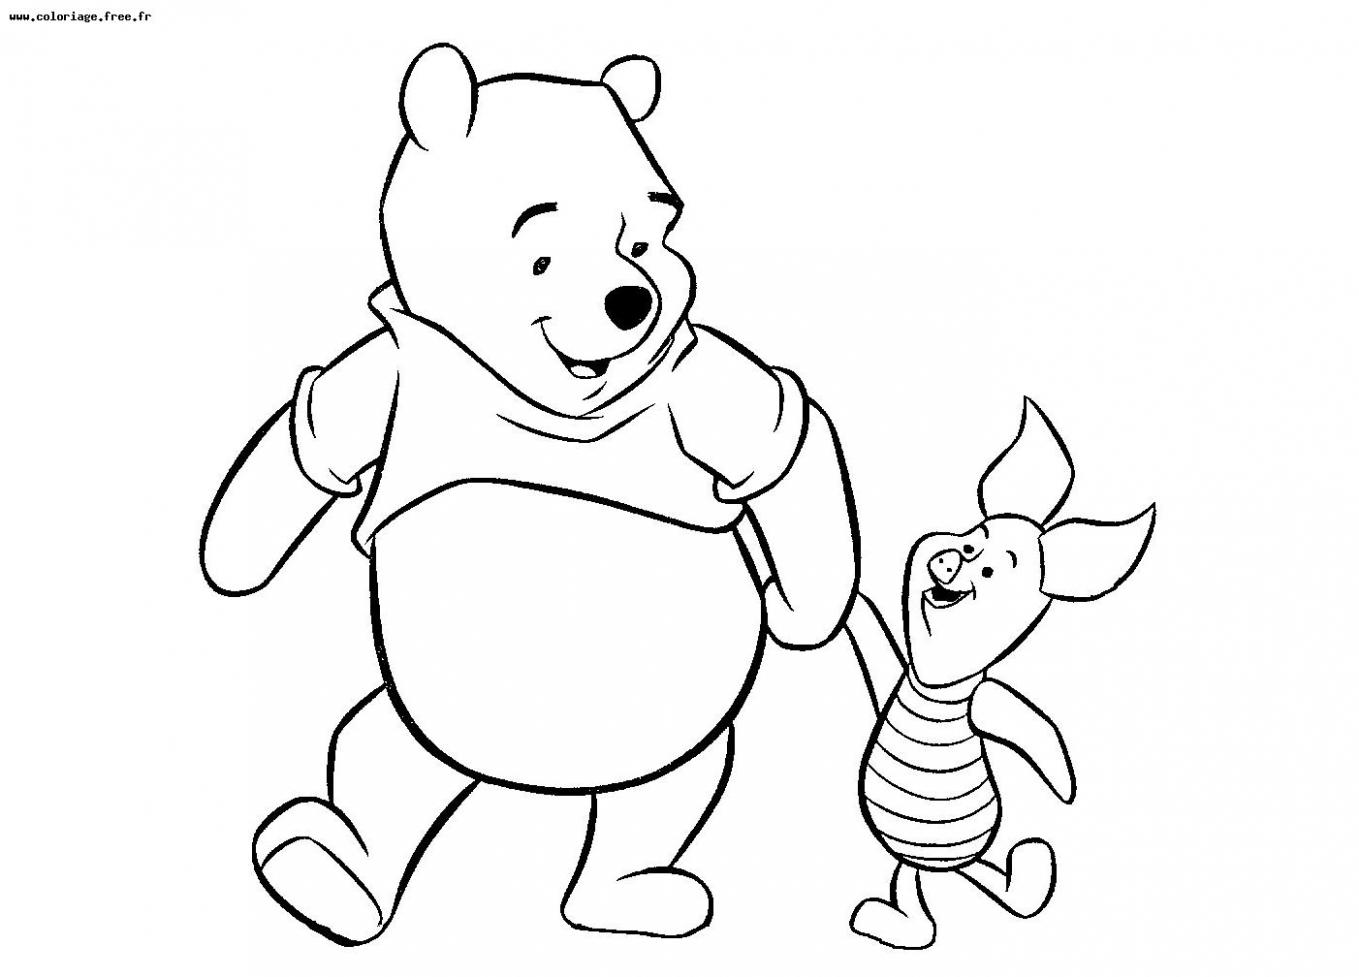 Coloriages À Imprimer : Winnie L'ourson, Numéro : Bc7C0Cd9 serapportantà Ourson A Colorier Et Imprimer